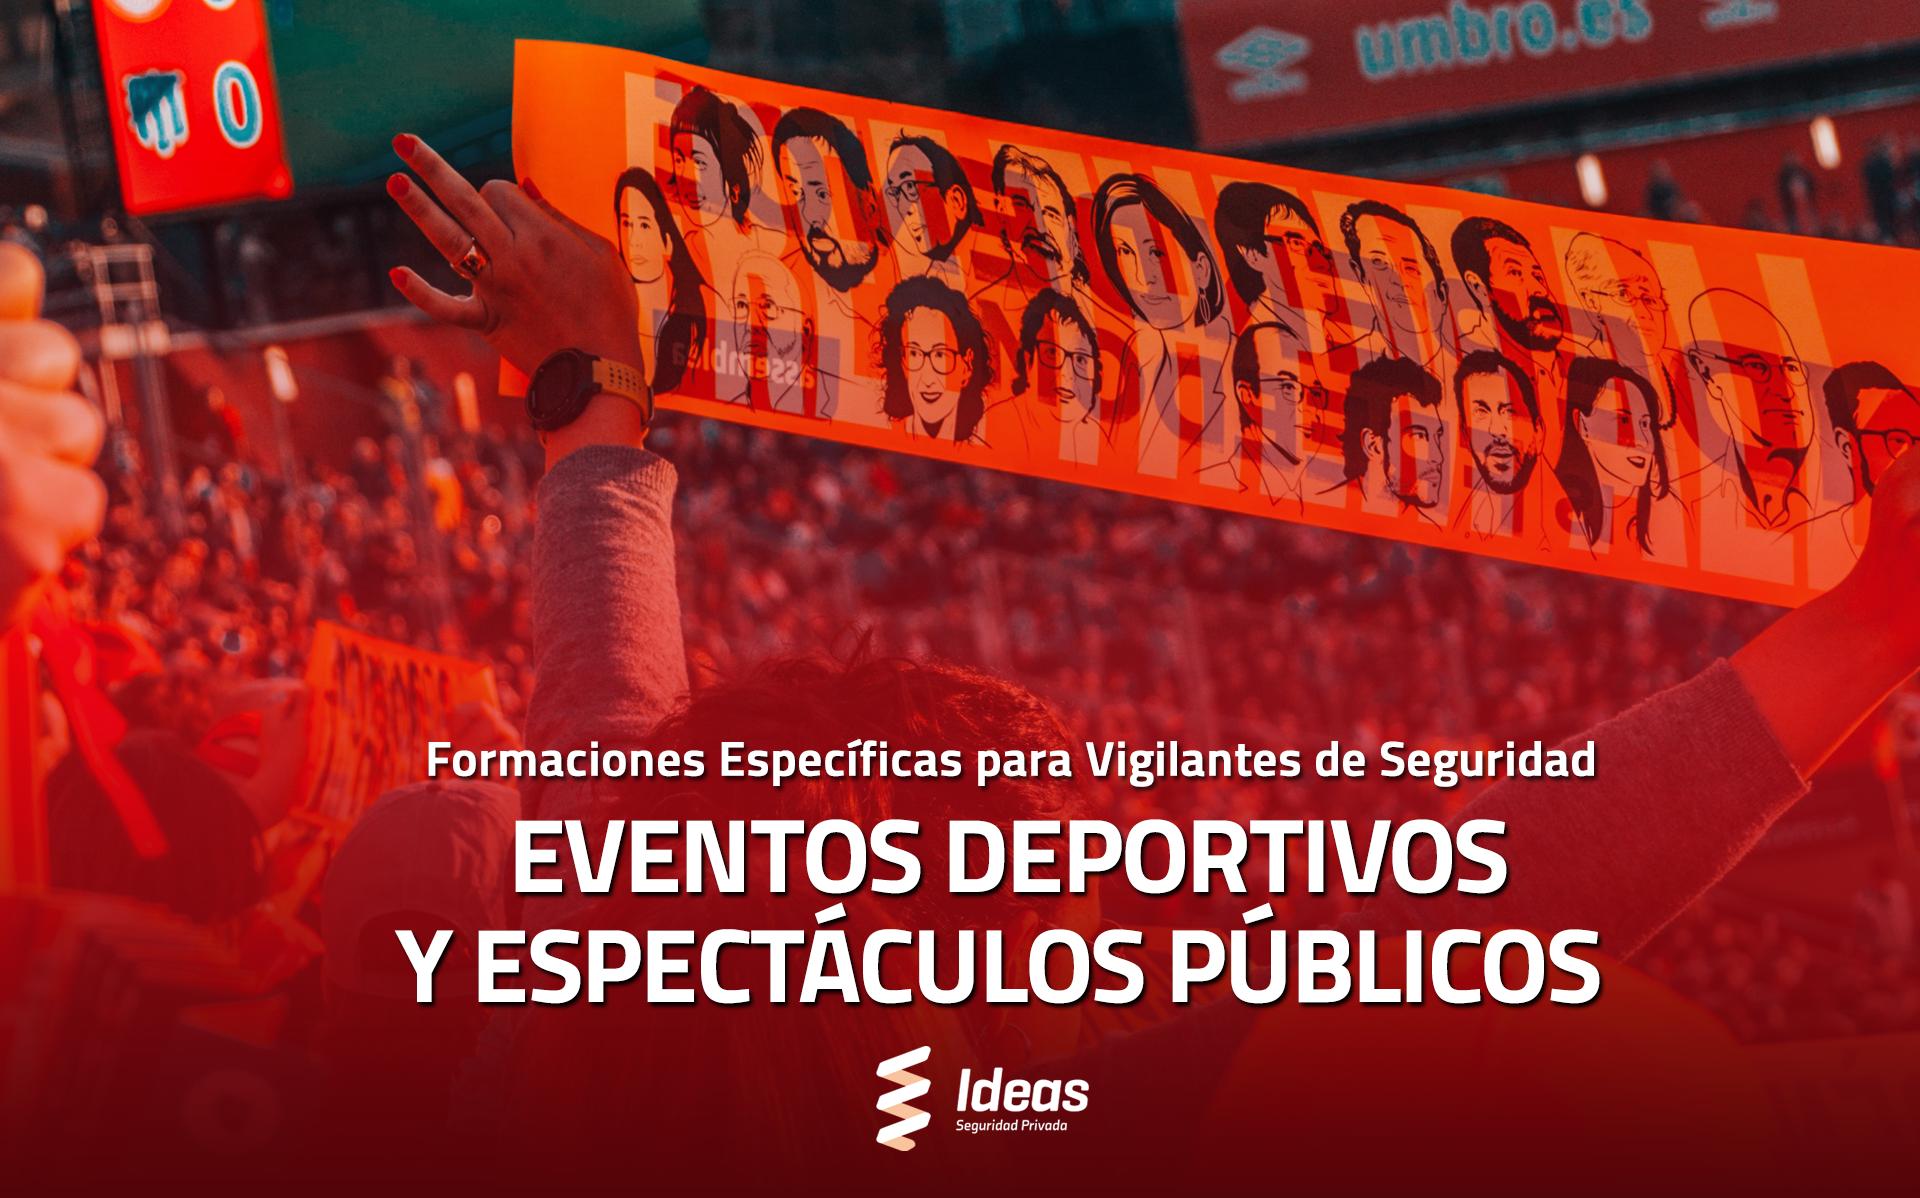 Eventos Deportivos y Espectáculos Públicos